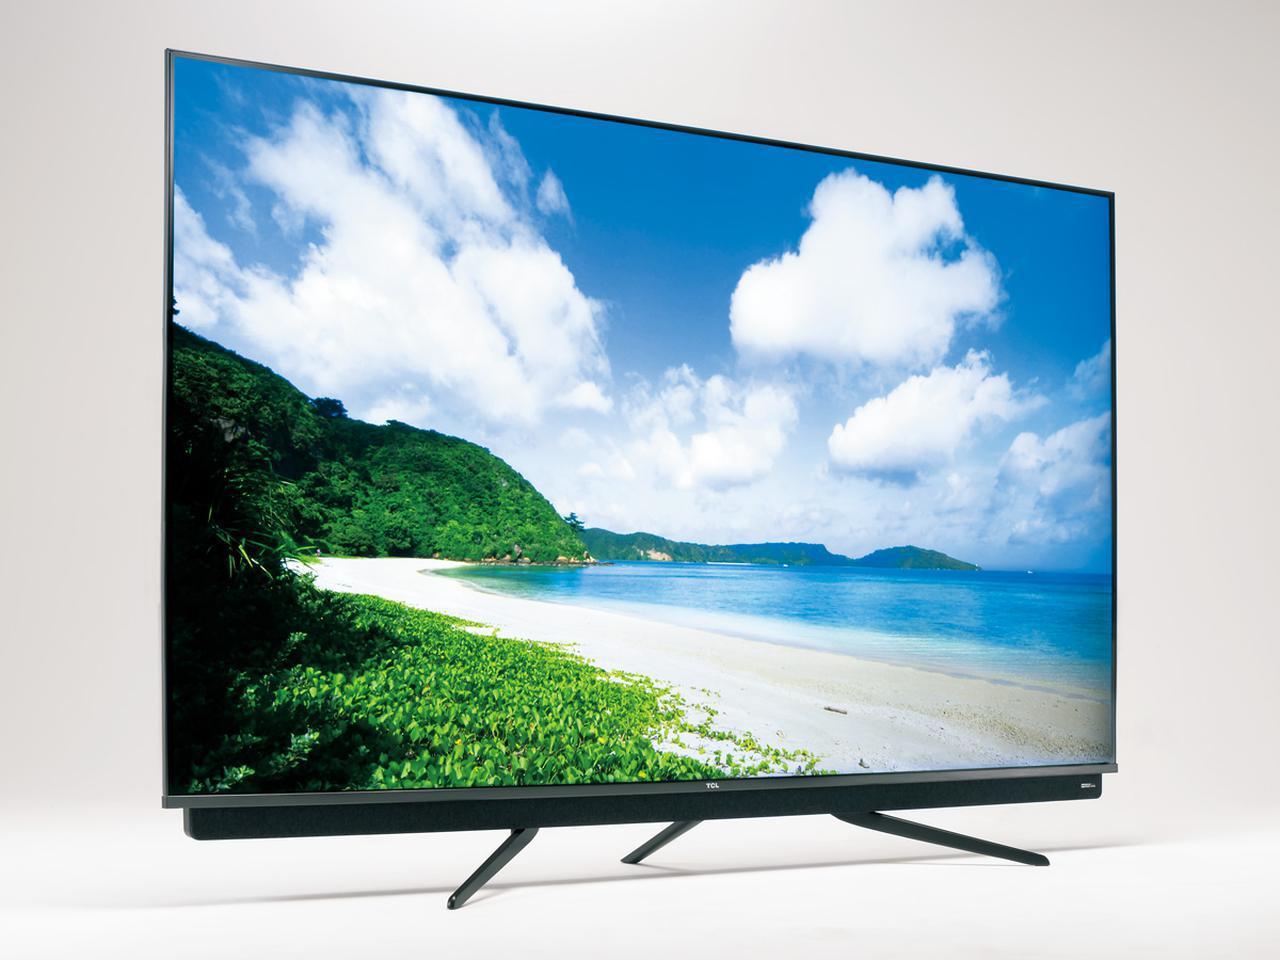 画像8: 明るく色鮮やかな色彩でネット動画を楽しむ!TCLから先進のQLED搭載液晶テレビ65C815登場